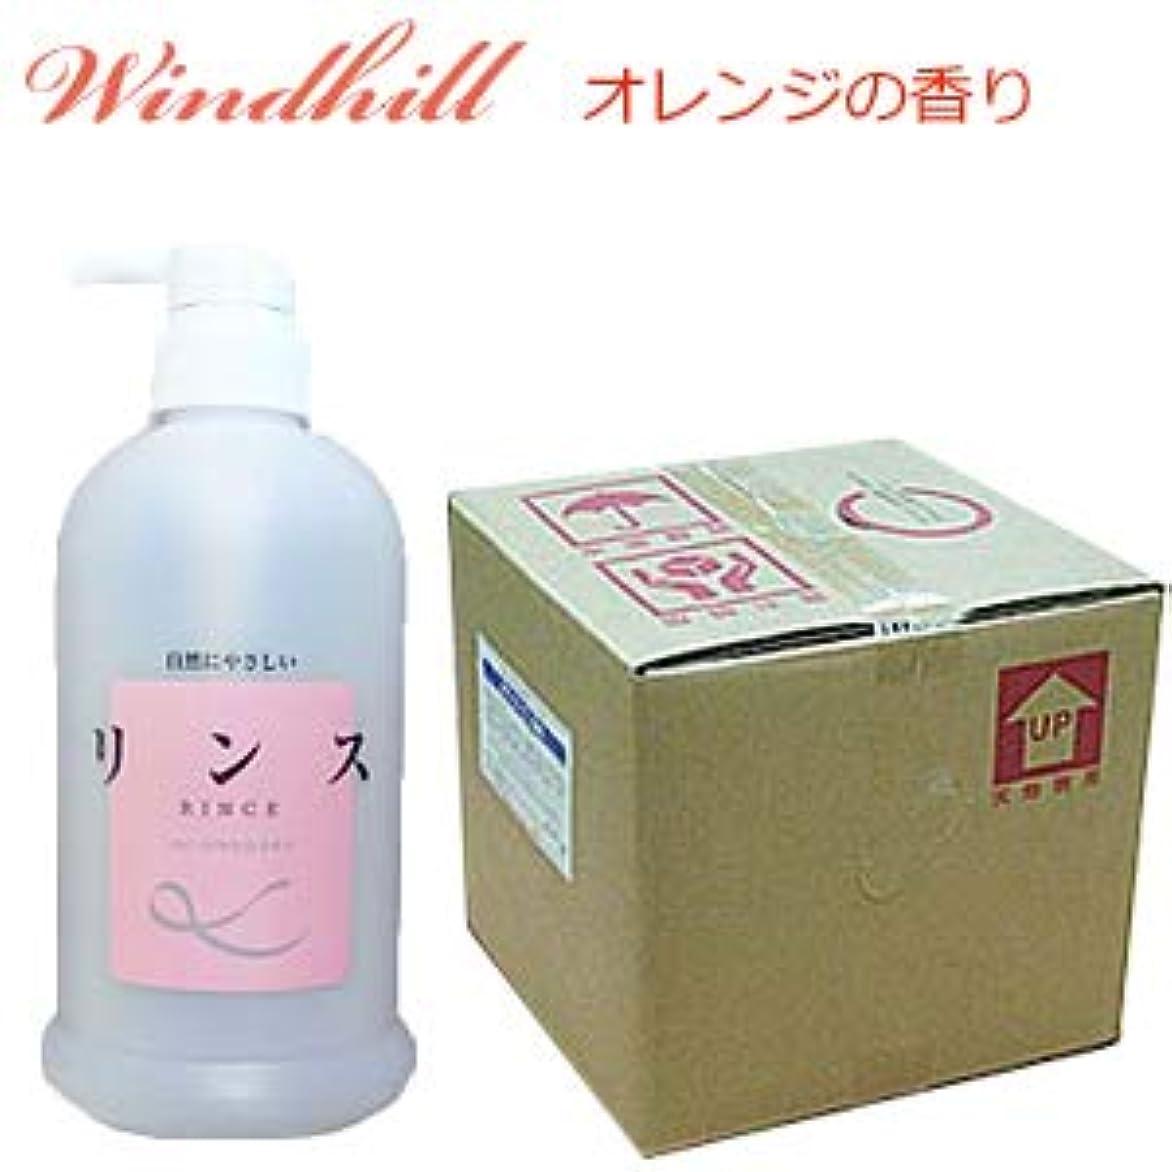 キッチン本を読むバイアスWindhill 植物性 業務用リンスオレンジの香り 20L(1セット20L入)